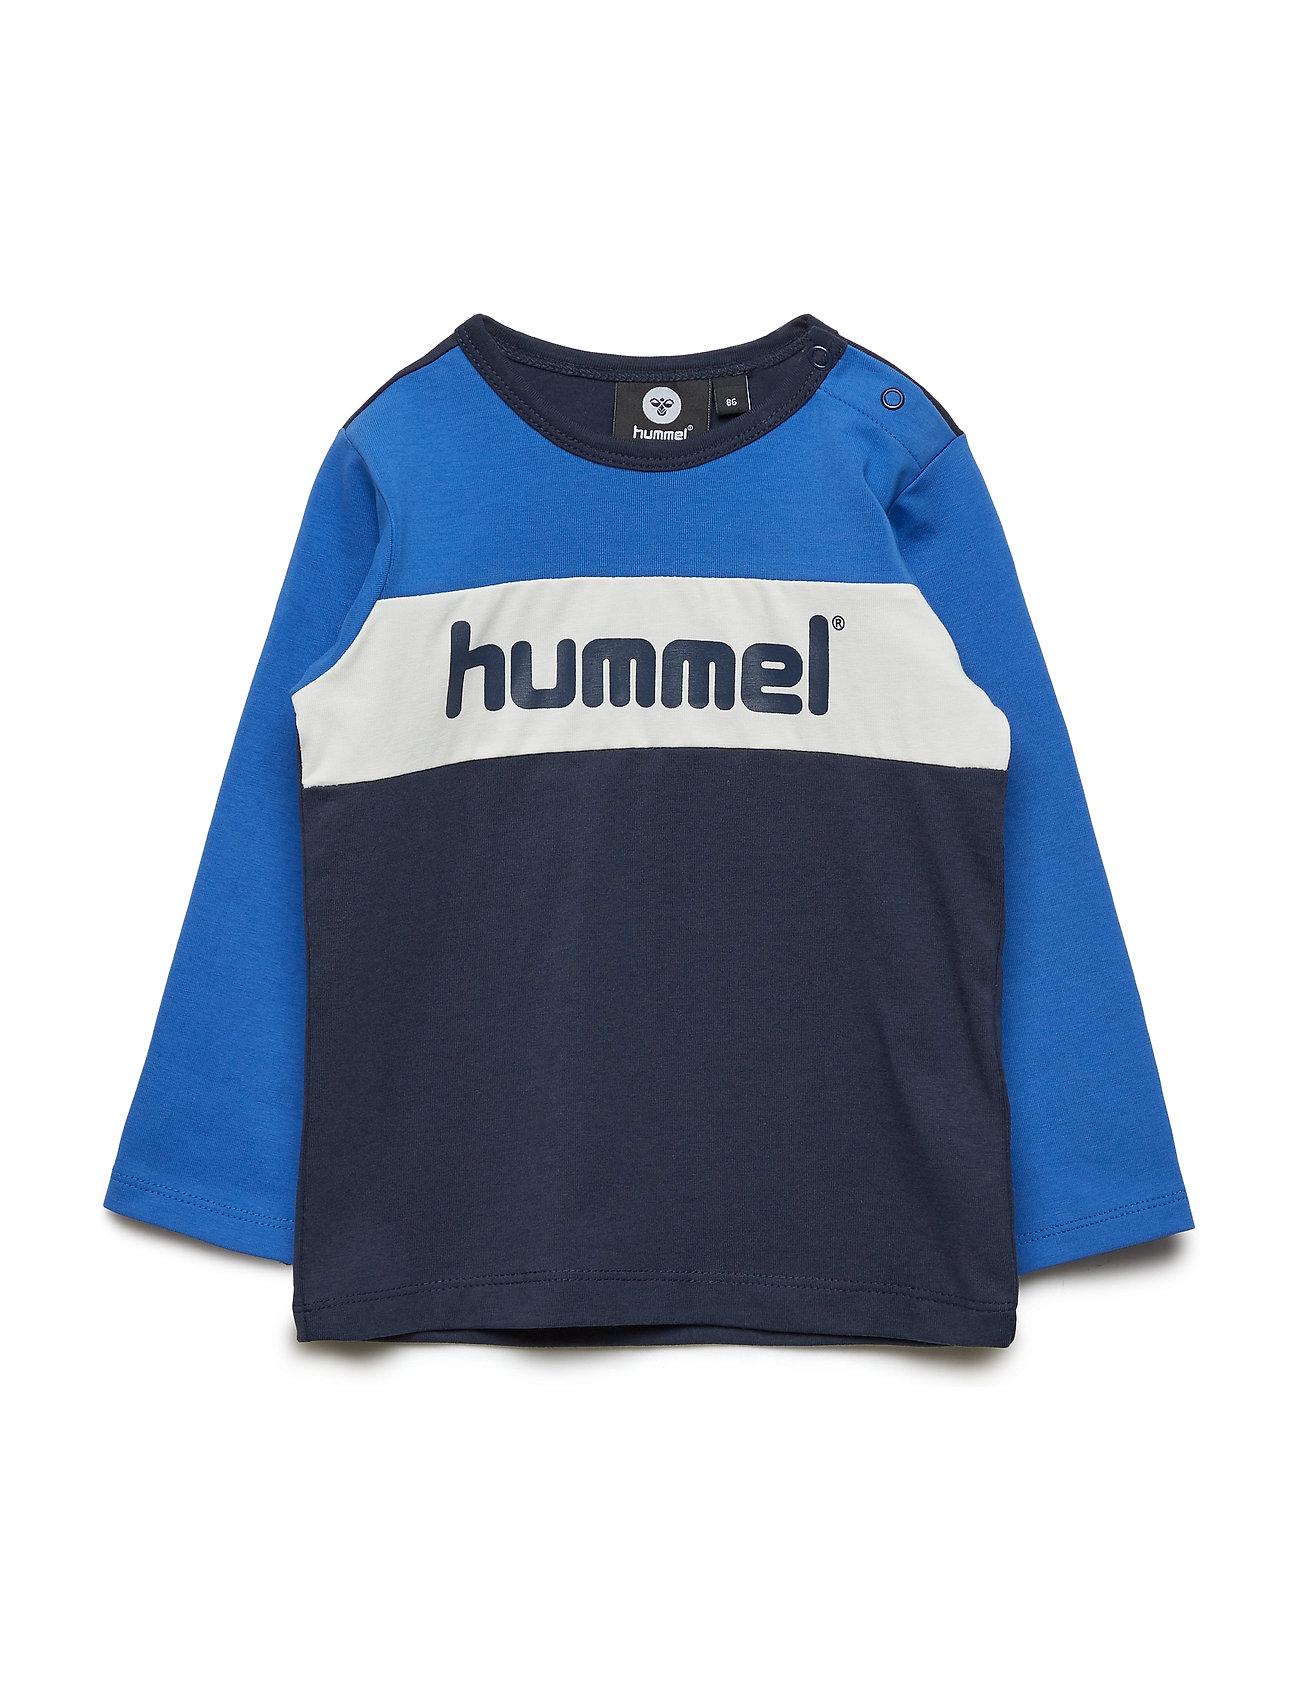 Hummel hmlCLYDE T-SHIRT L/S - BLACK IRIS